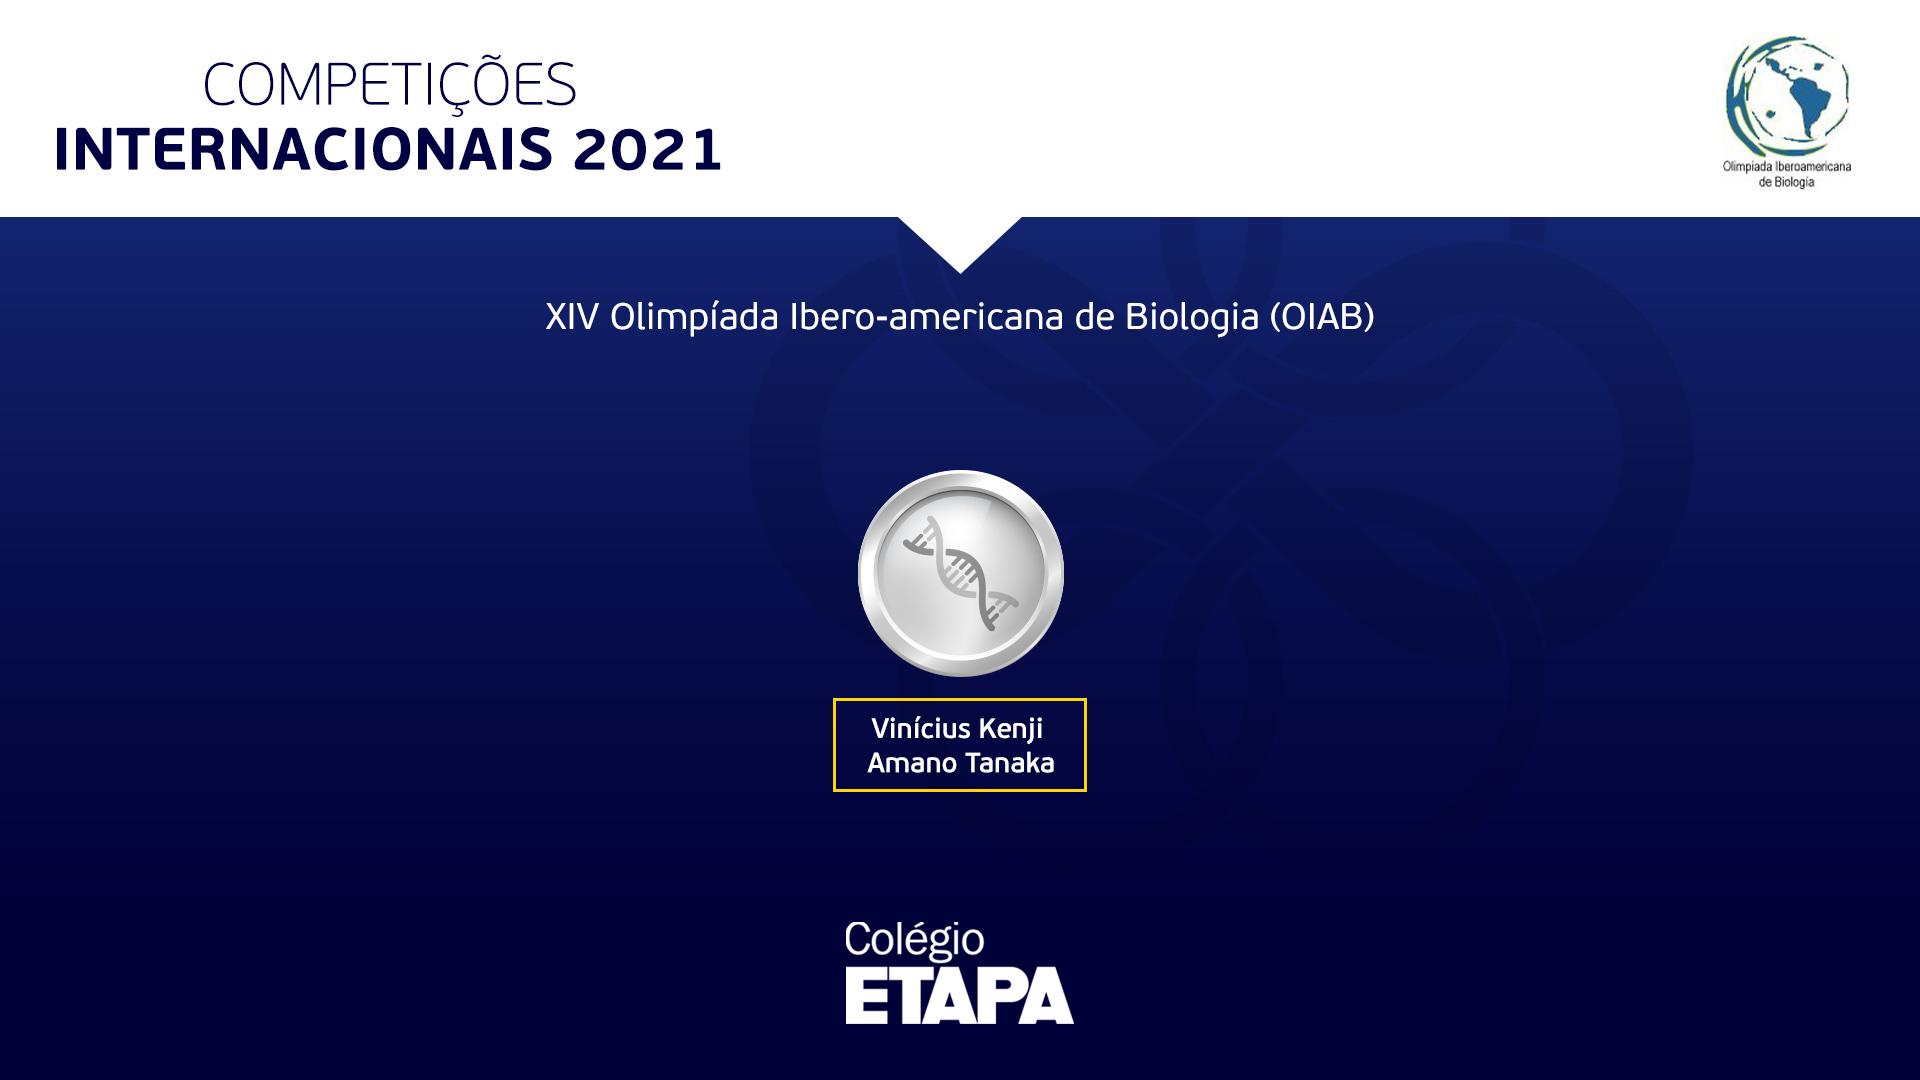 Aluno do Colégio Etapa conquista medalha na OIAB 2021